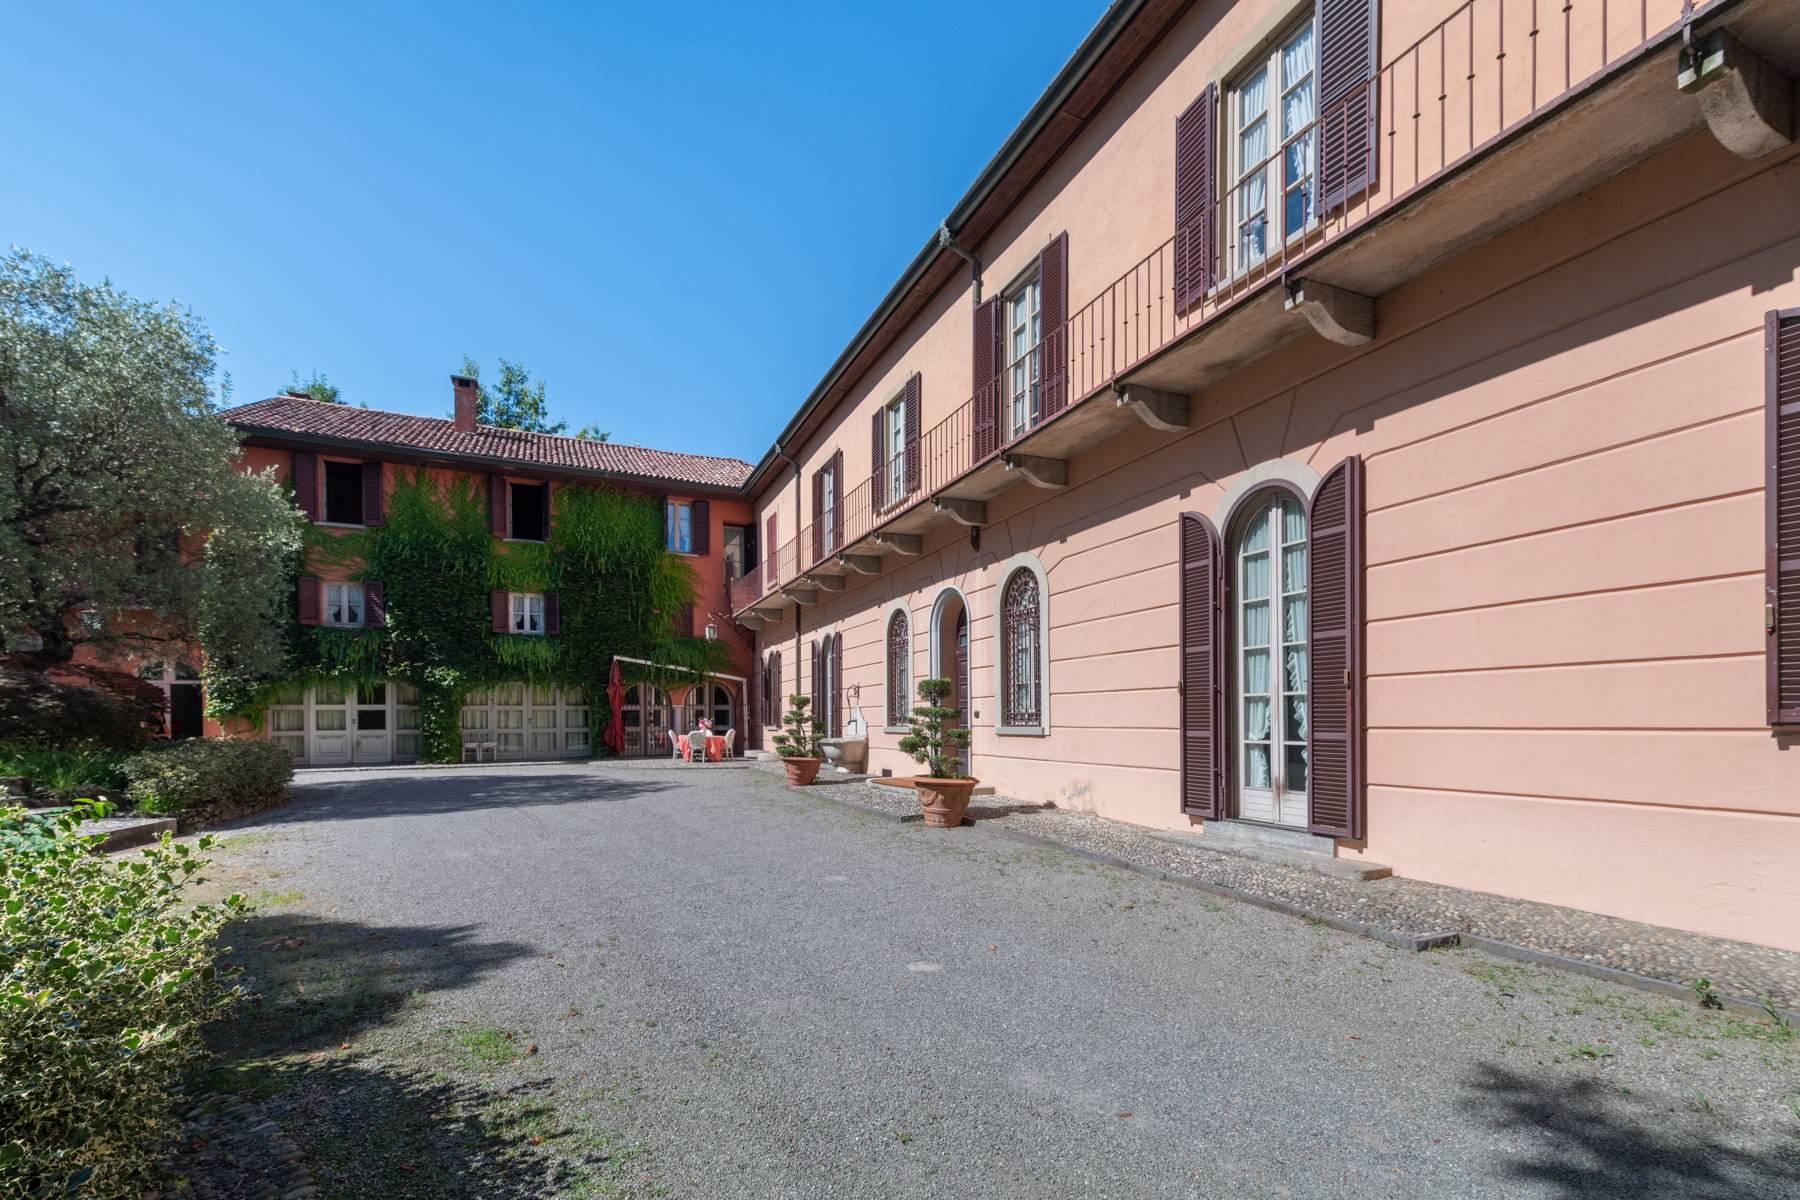 Villa in Vendita a Merate: 5 locali, 1200 mq - Foto 3